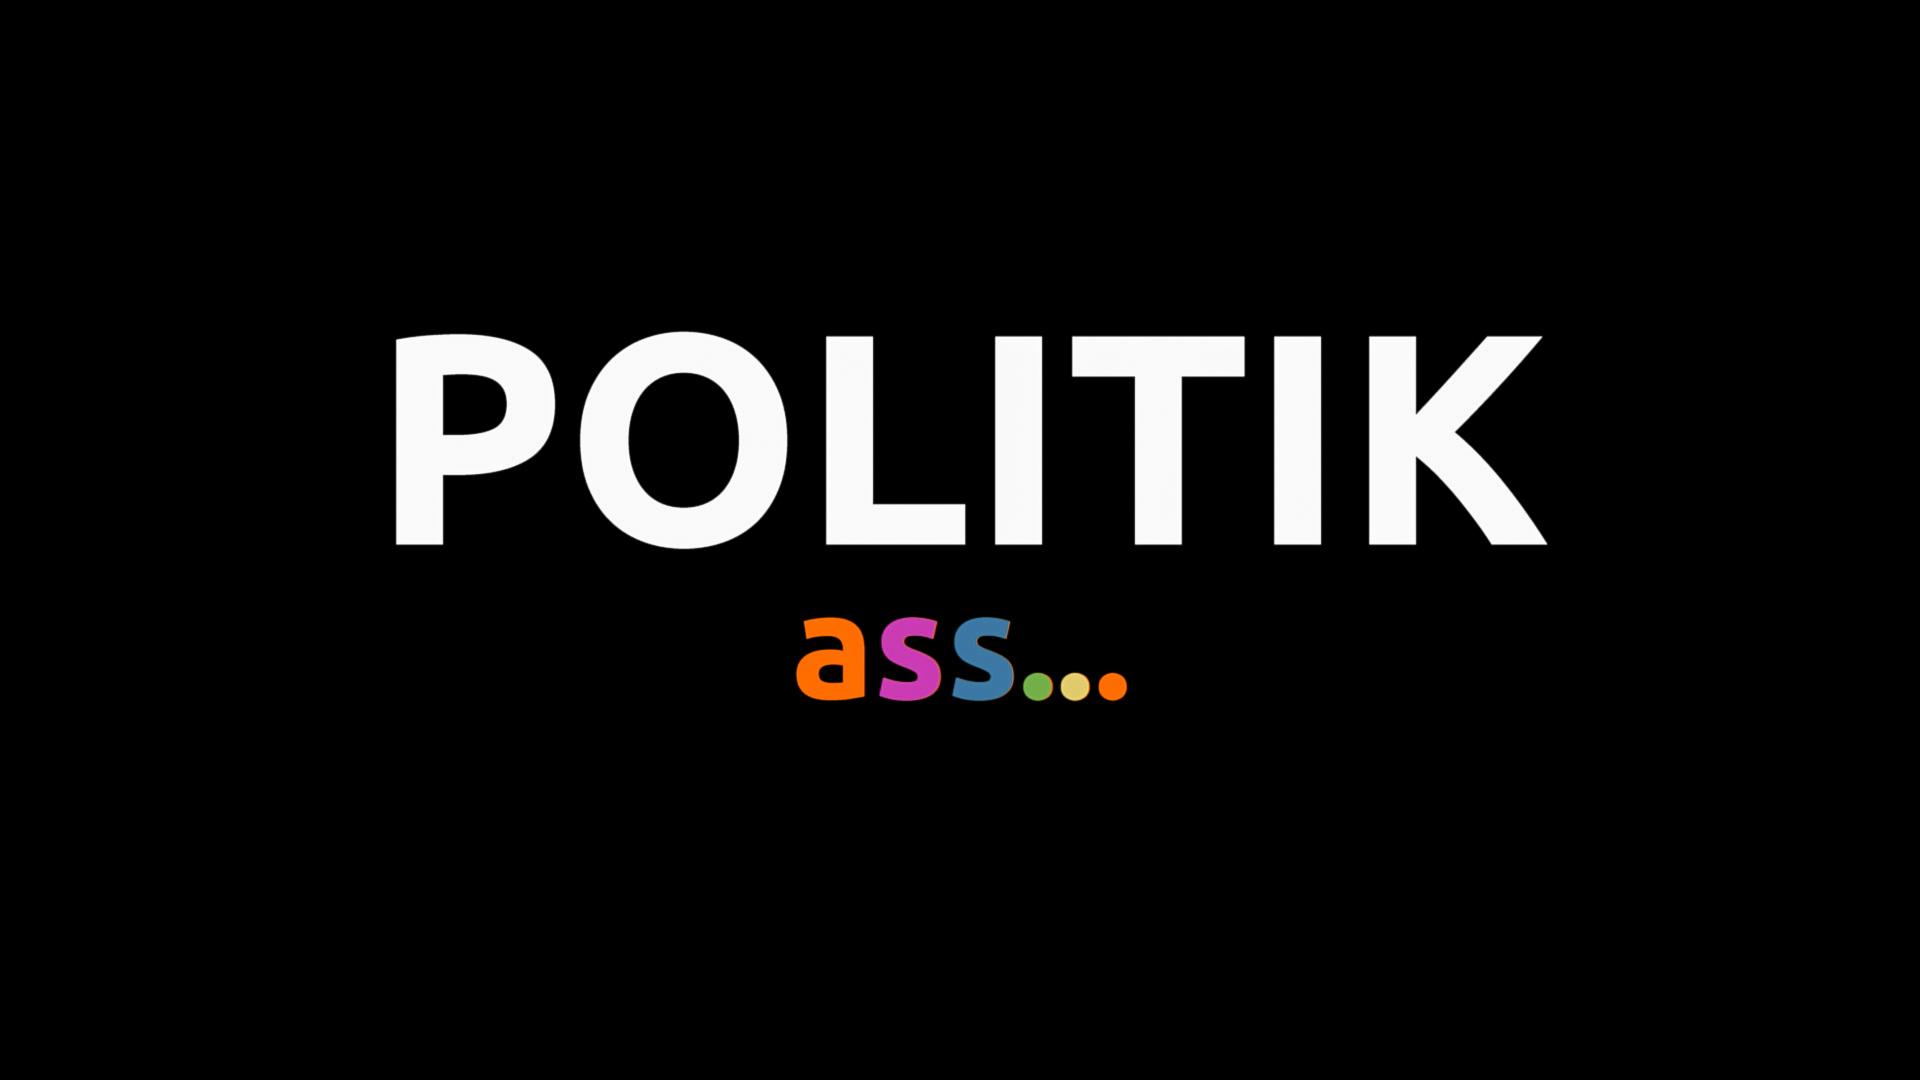 Politik ass_01 processed